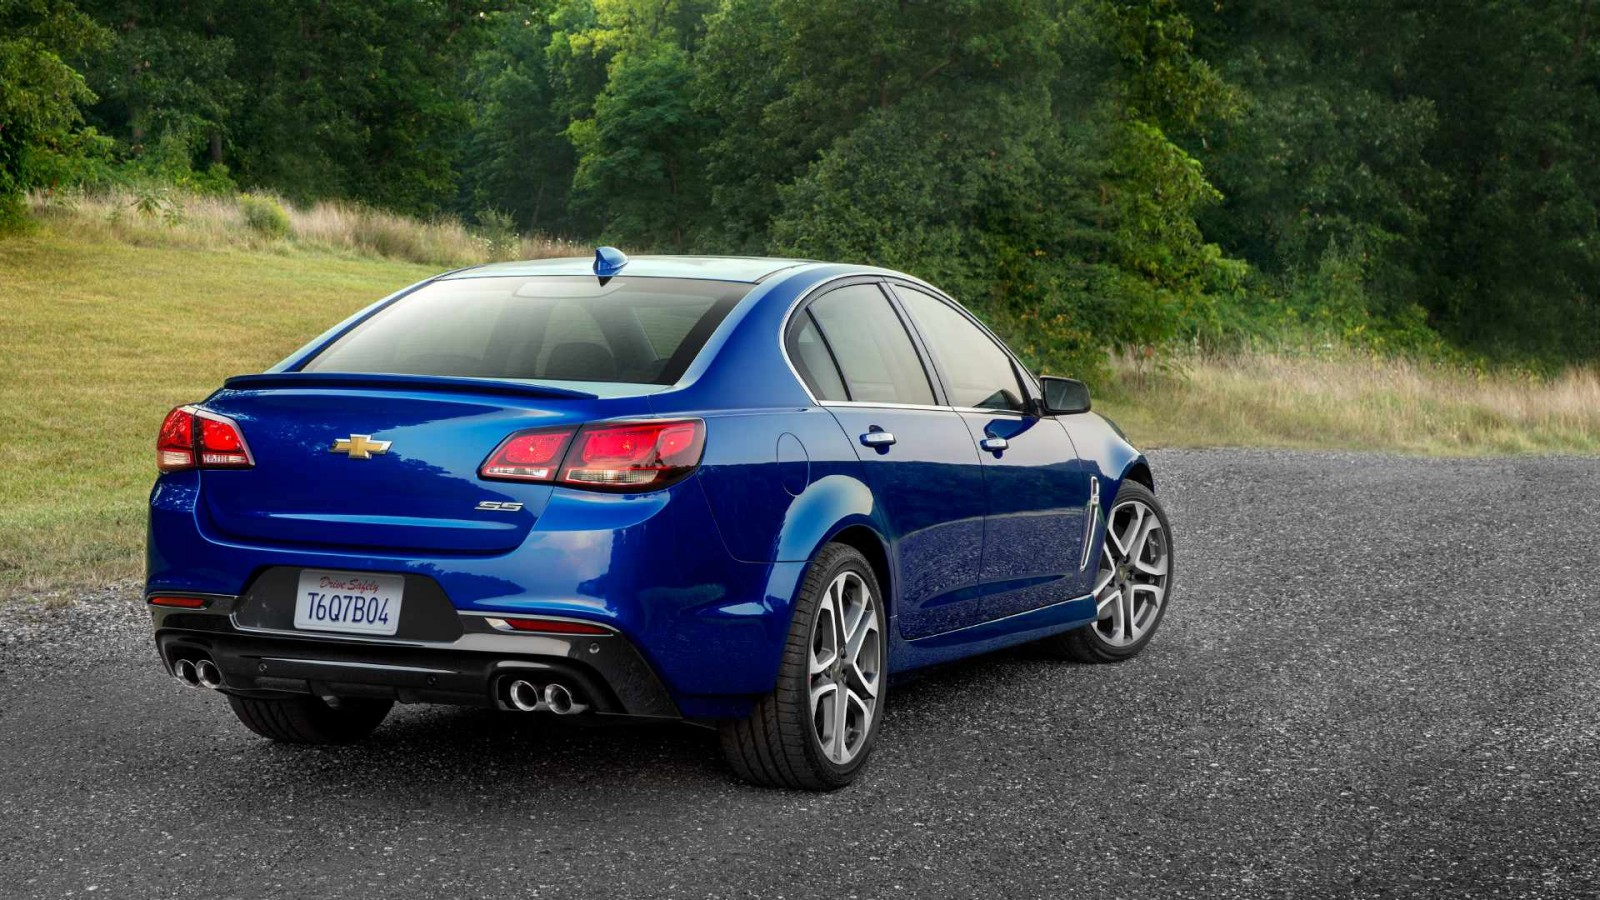 2016 Chevrolet SS blue exterior